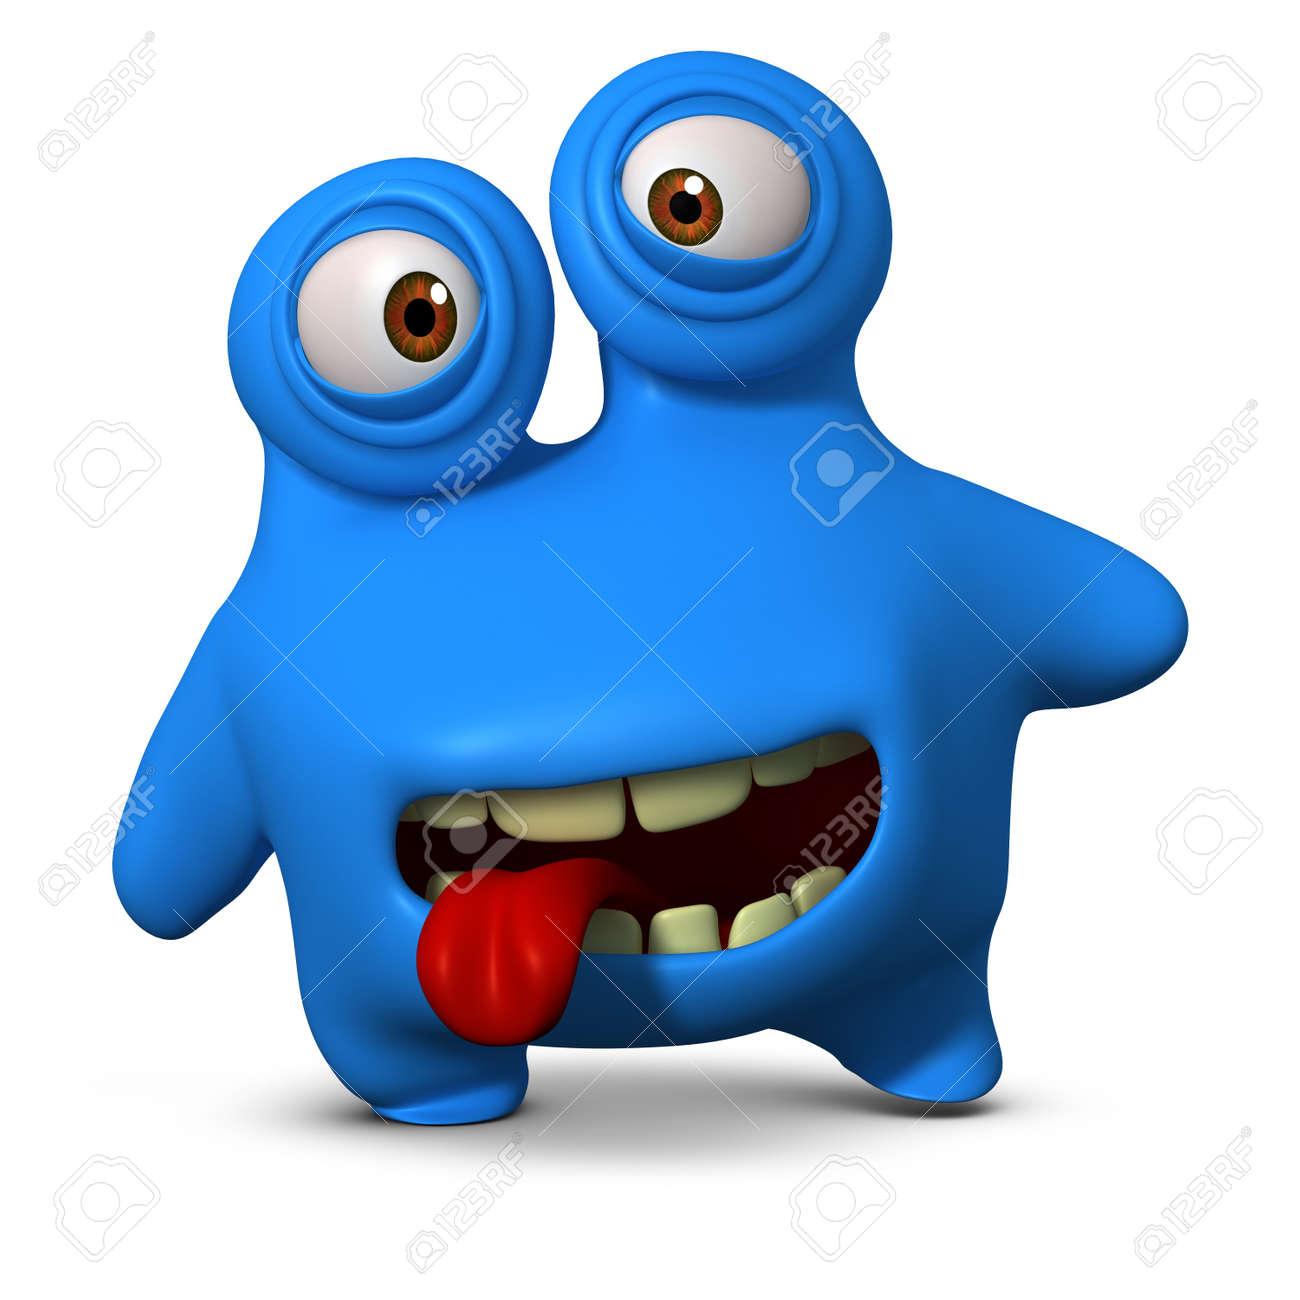 3d cartoon blue monster Stock Photo - 15625044